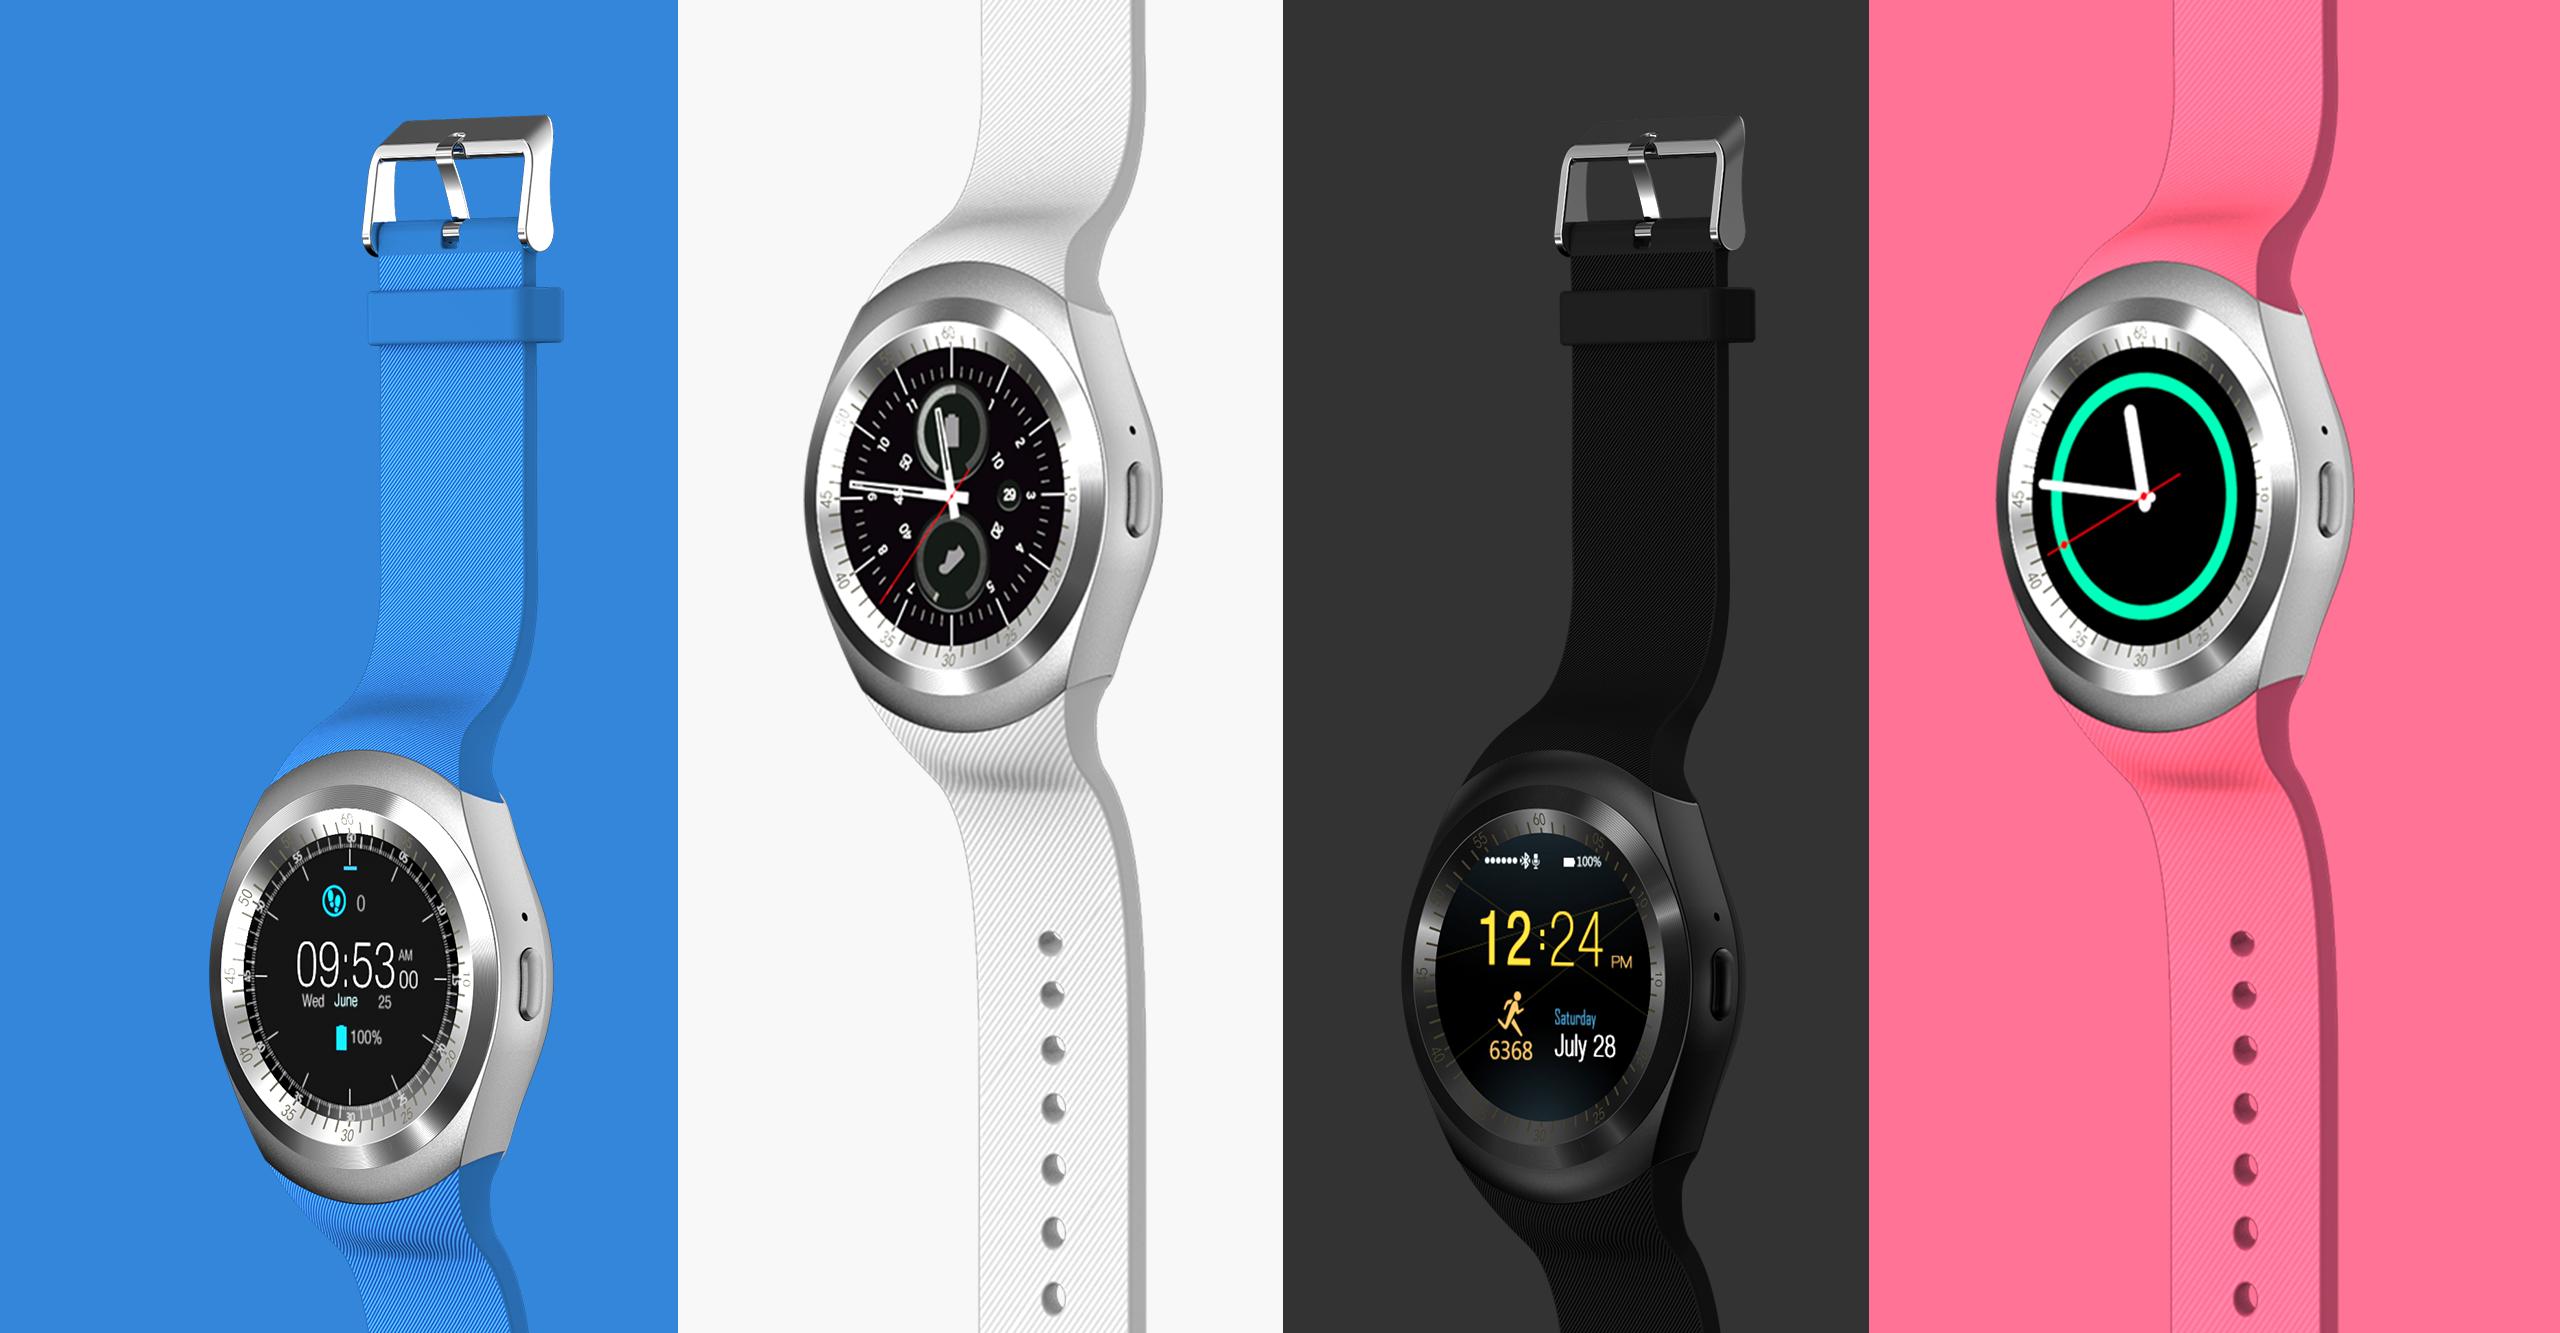 SN05 Sport smart watch